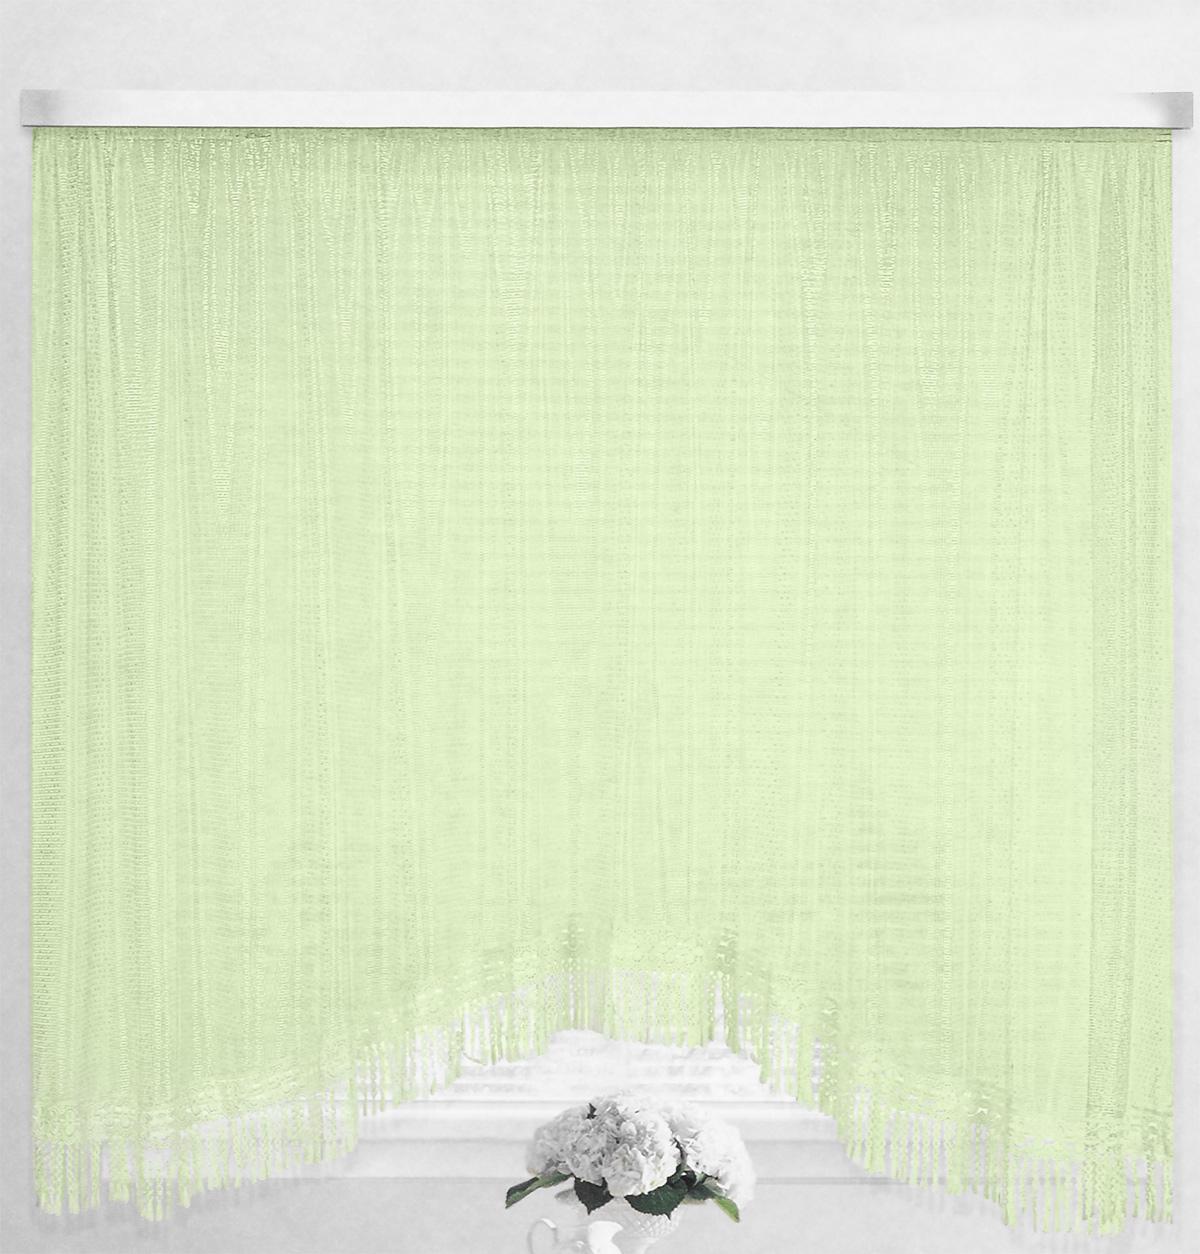 Штора-арка ТД Текстиль Капли росы, на ленте, цвет: зеленый, высота 165 см82650_зеленыйШтора-арка ТД Текстиль Капли росы великолепно украсит любое окно. Штора выполнена из качественного сетчатого полиэстера и декорирована бахромой.Полупрозрачная ткань, оригинальный дизайн и приятная цветовая гамма привлекут к себе внимание и позволят шторе органично вписаться в интерьер помещения.Штора крепится на карниз при помощи шторной ленты, которая поможет красиво и равномерно задрапировать верх. Изделие отлично подходит для кухни, столовой и спальни.